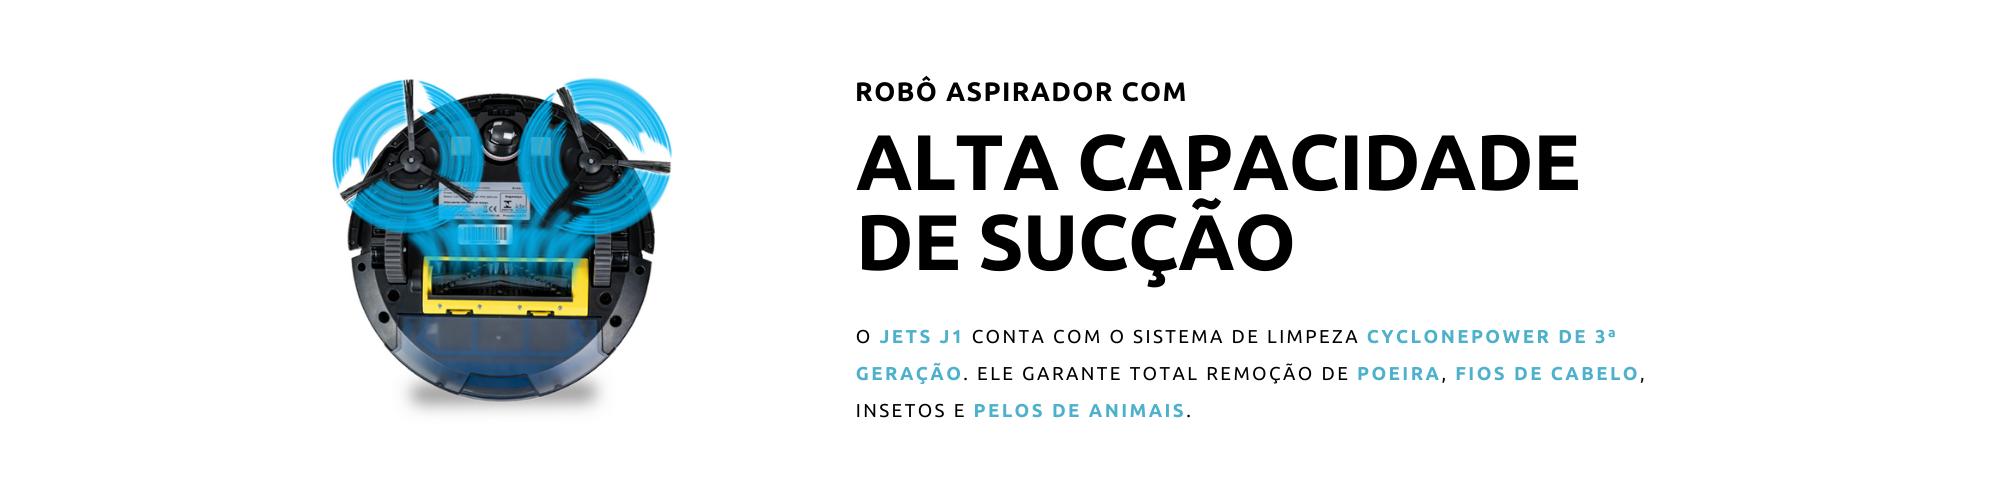 JETS J1 - ALTA CAPACIDADE DE SUCÇÃO